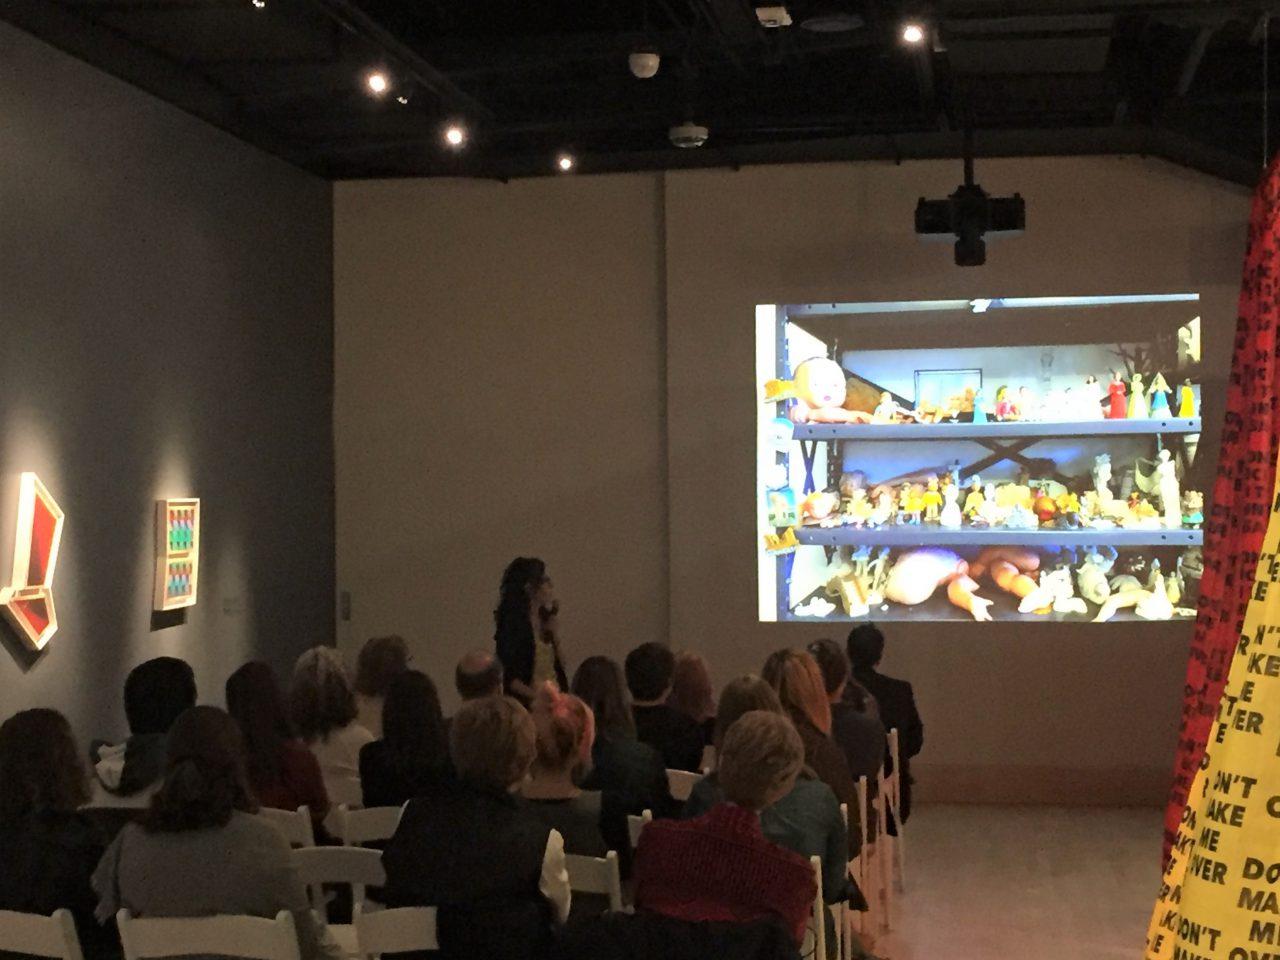 Katleman lecture in the de la Cruz Gallery